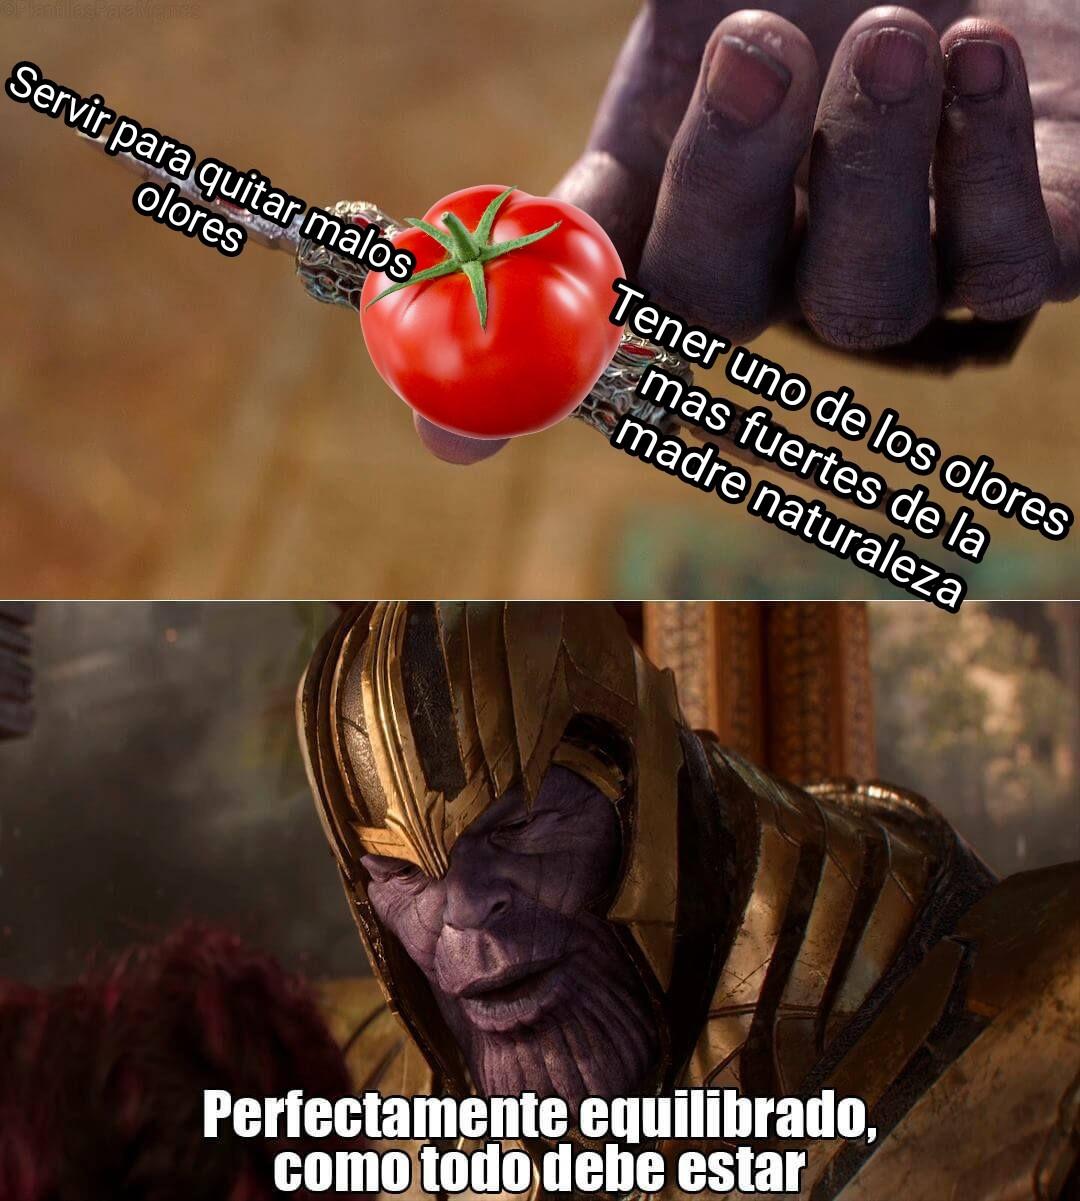 Perfectamente equilibrado - meme